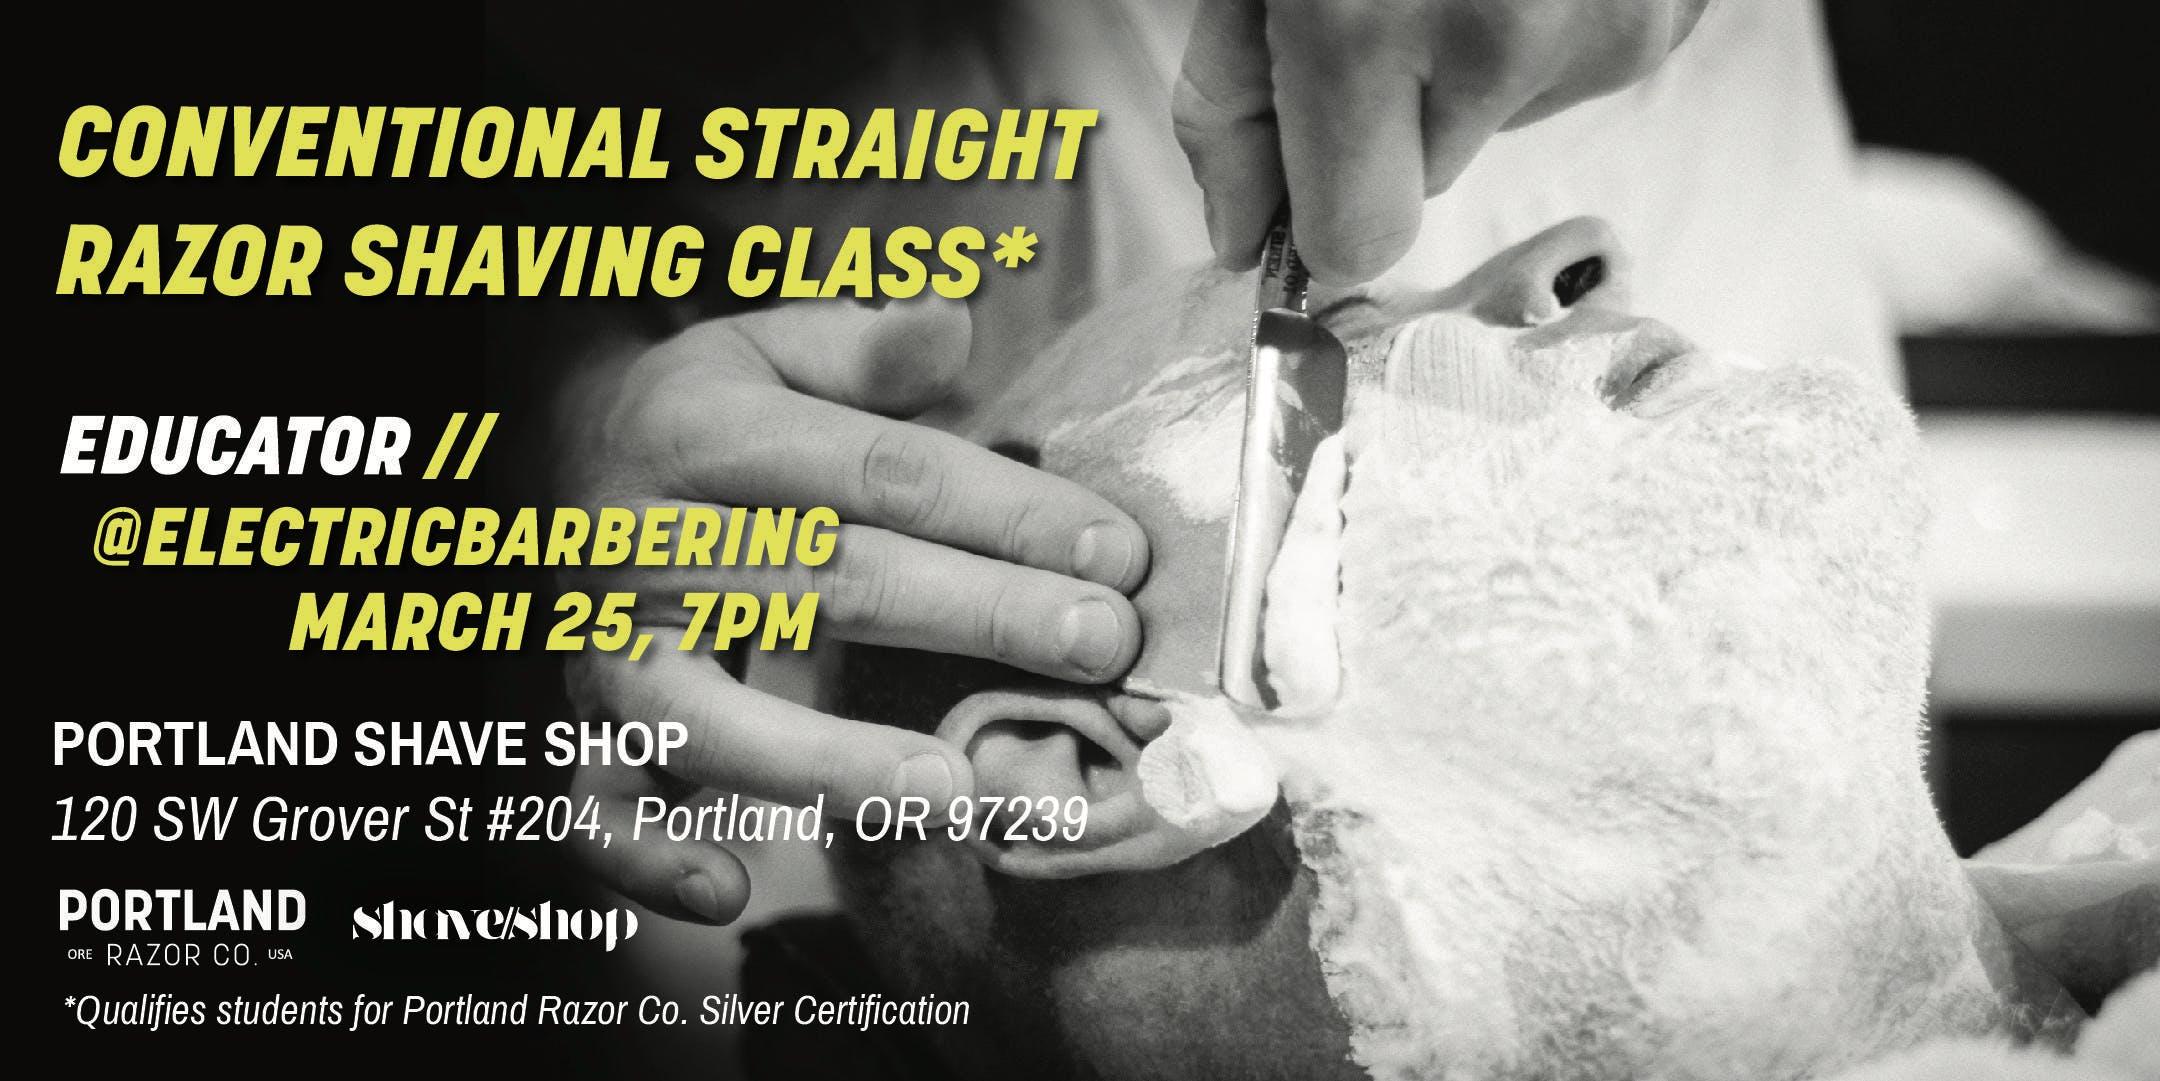 Portland Razor Co. Conventional Straight Razo